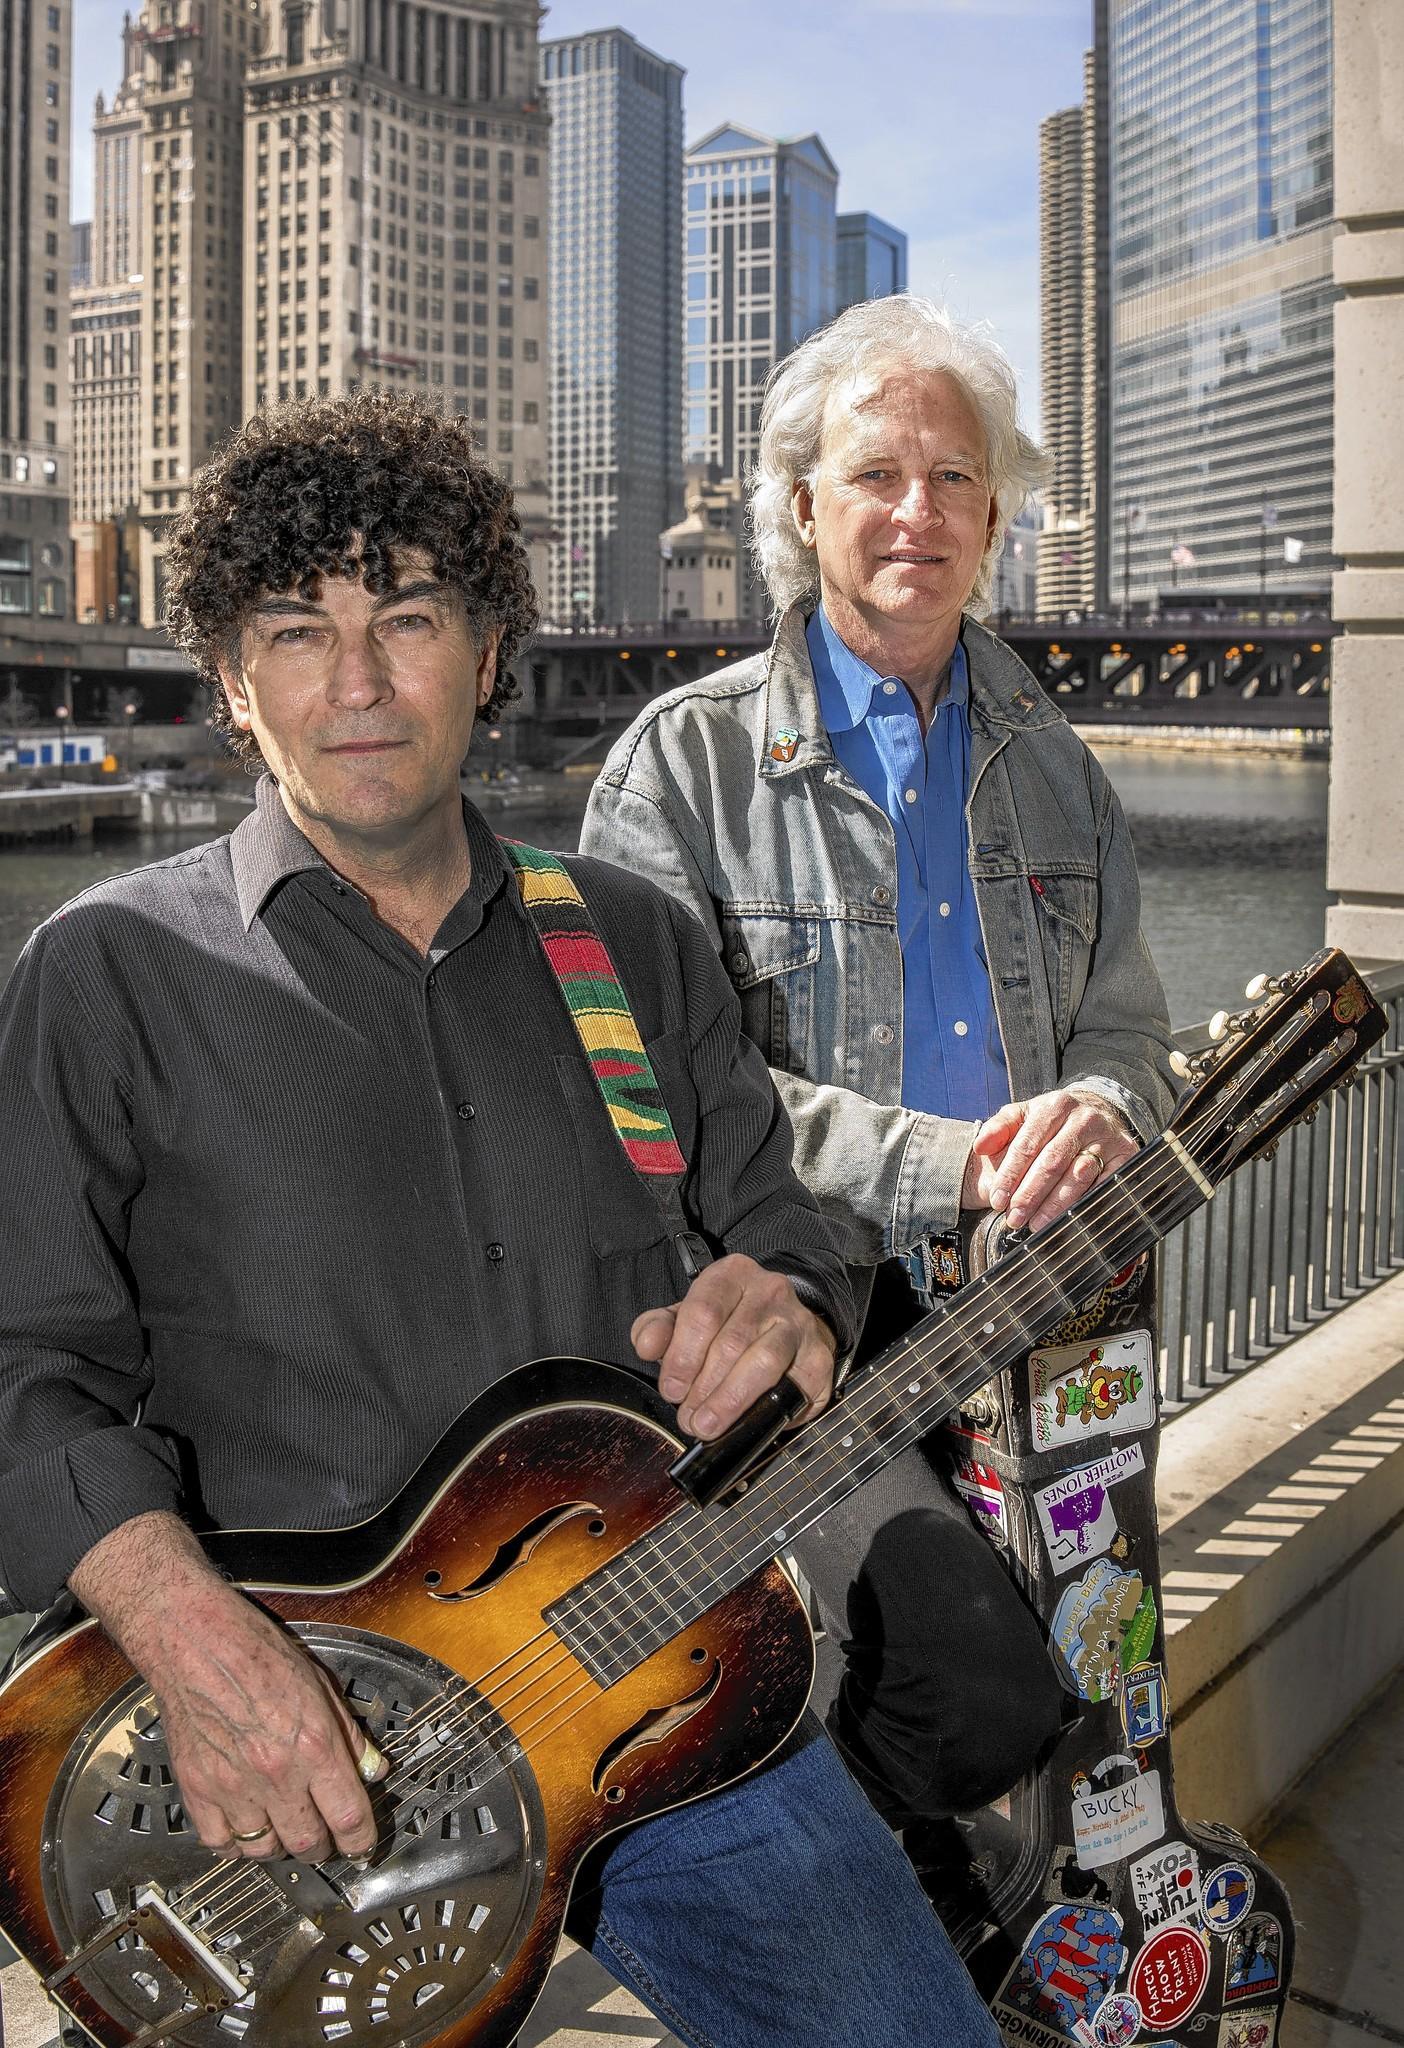 Legendary folk singers Chris Valillo and Bucky Halker.